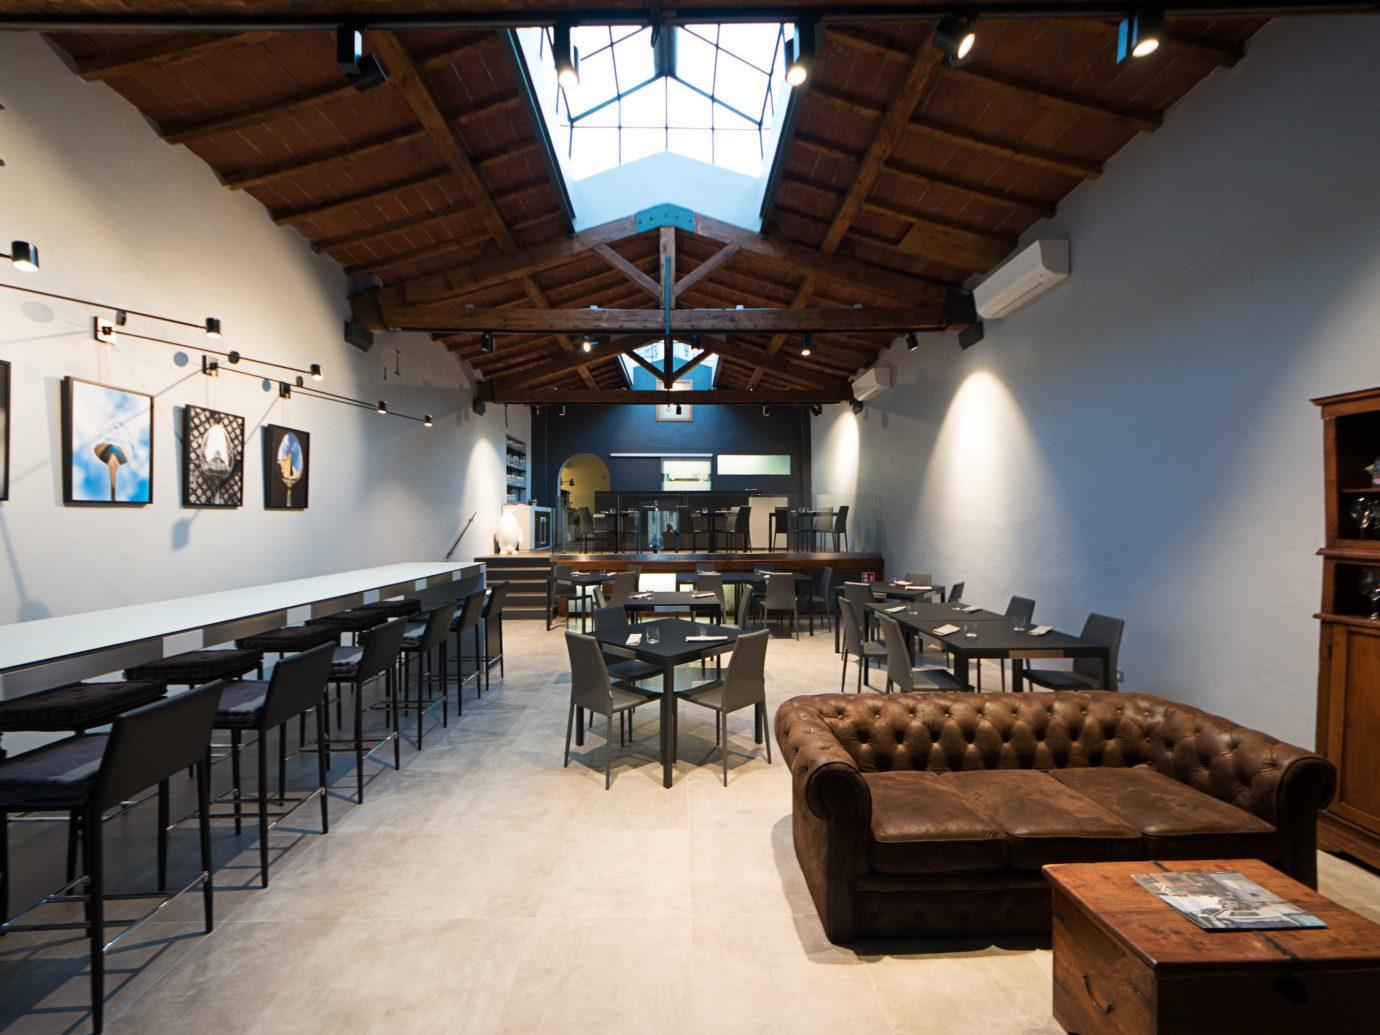 Food + Drink indoor floor ceiling room interior design estate restaurant Design furniture several dining room